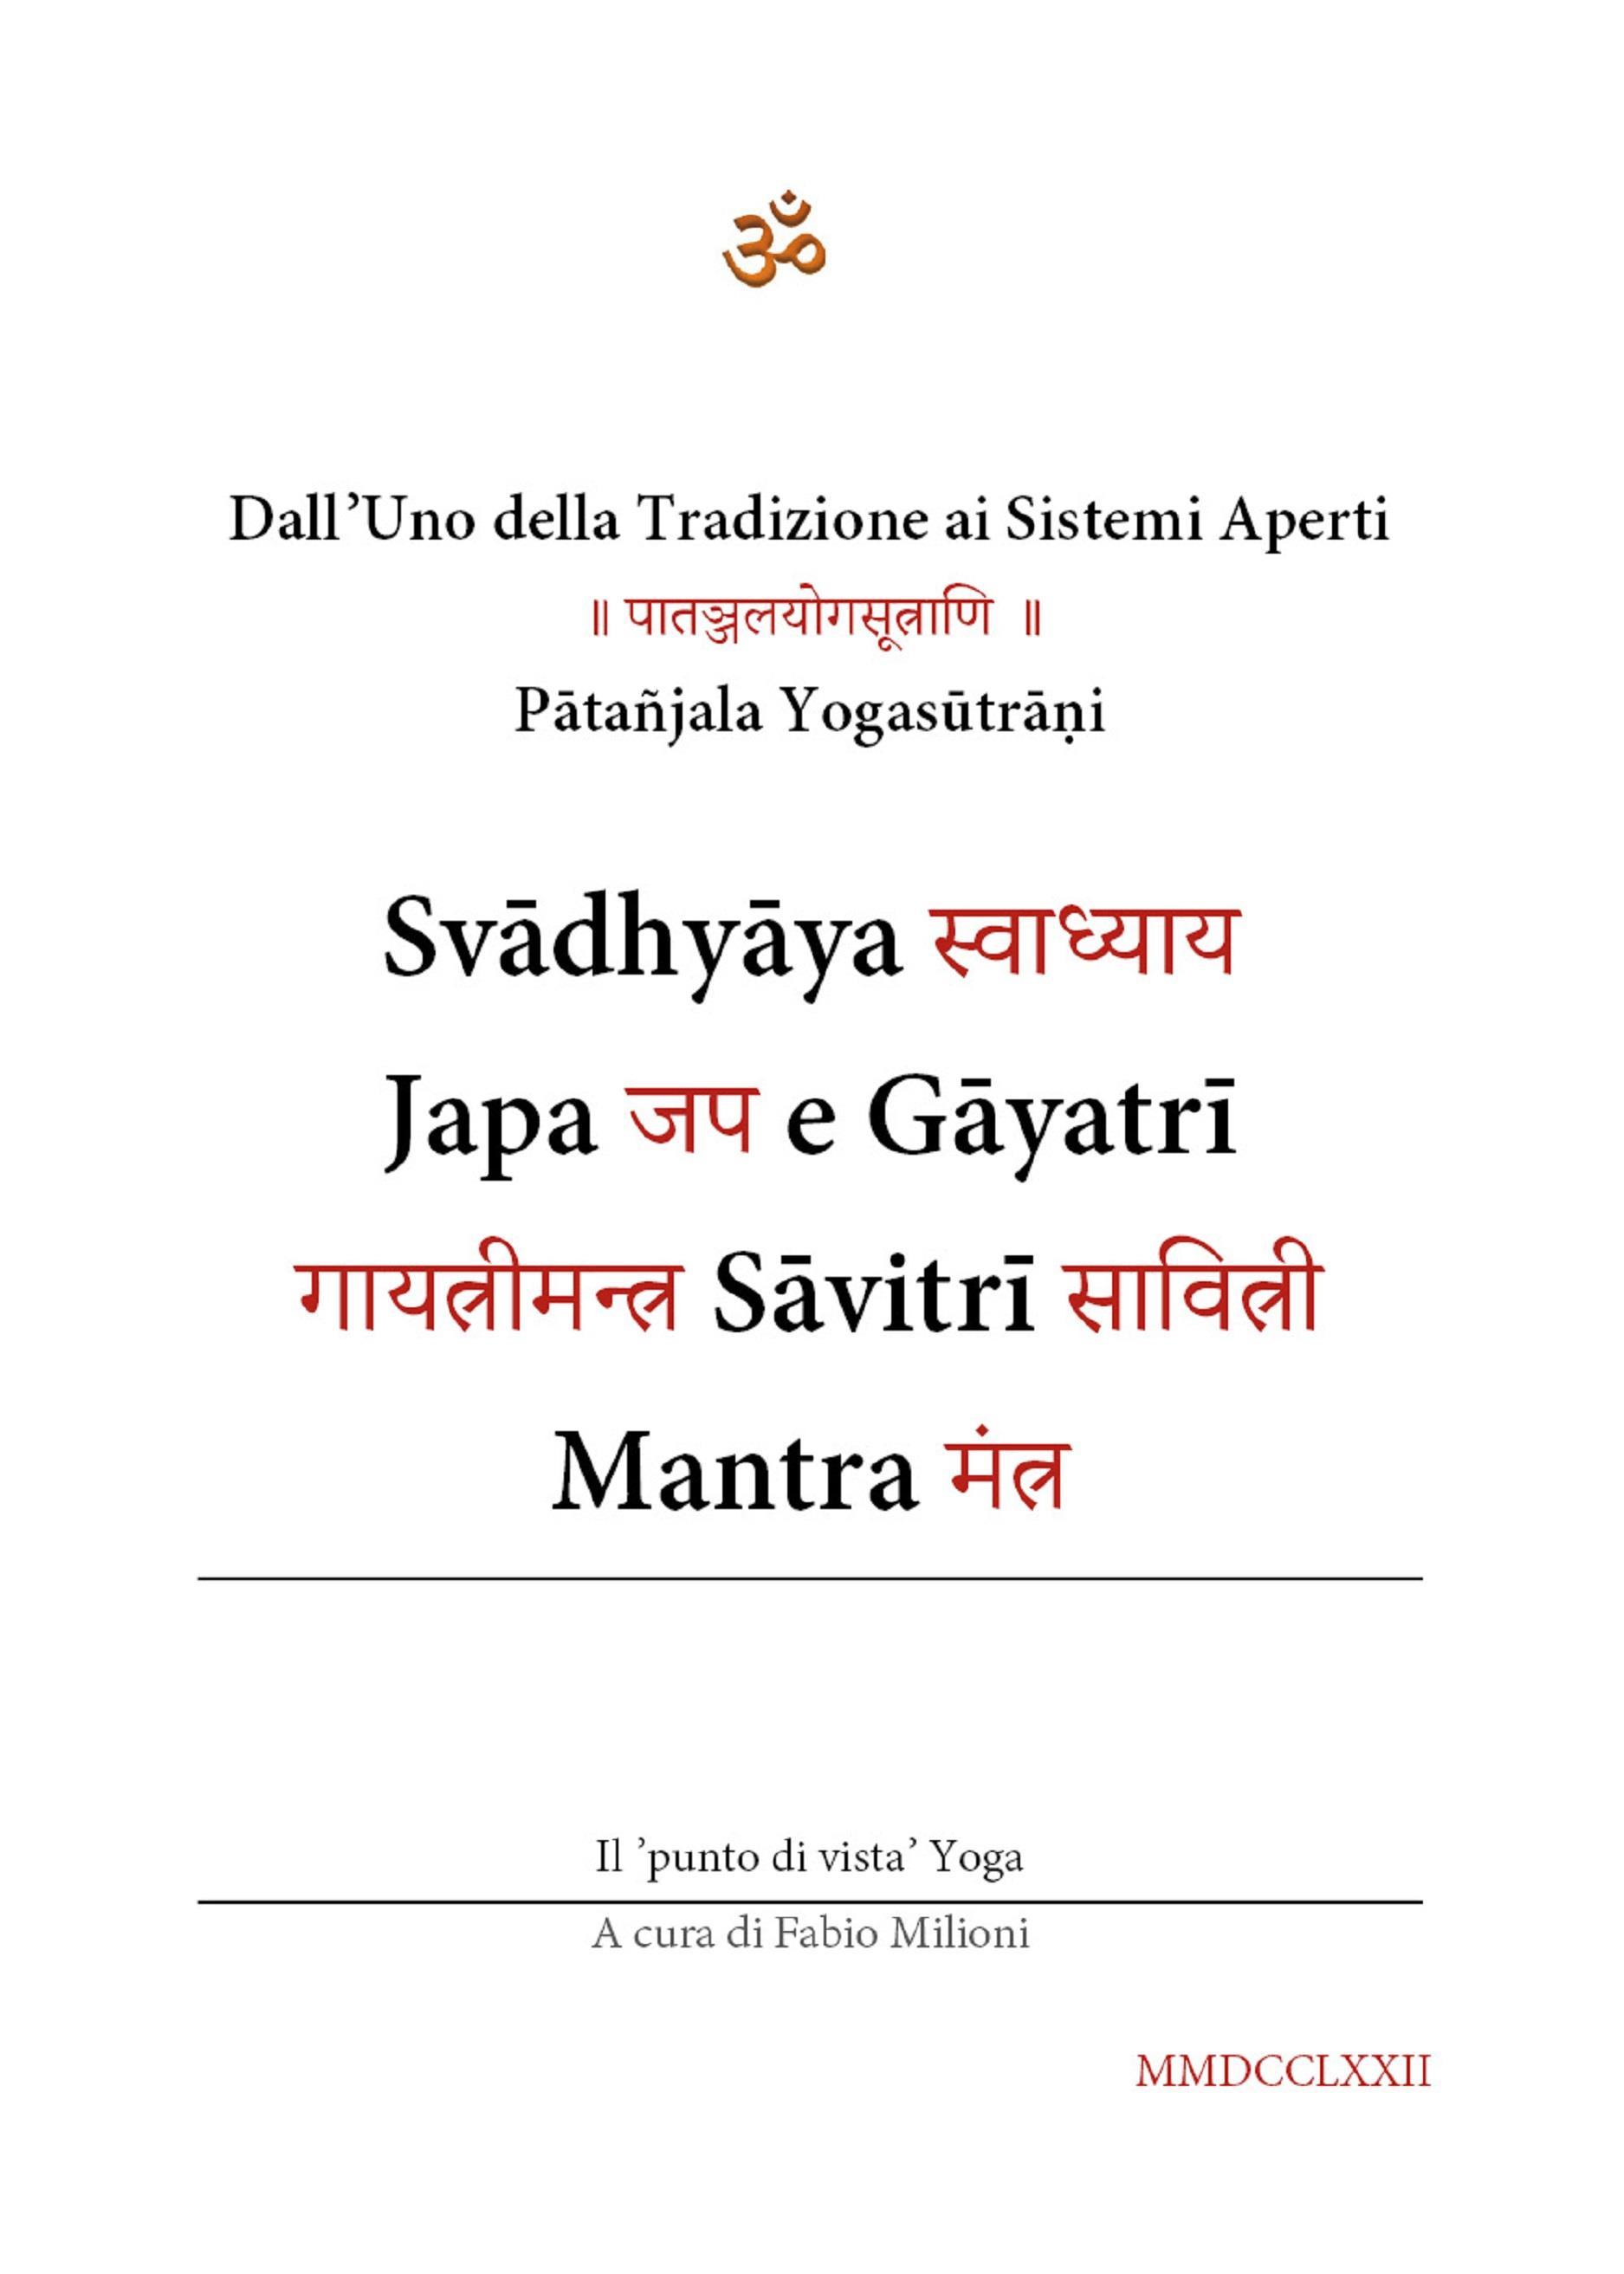 Svadhyaya Japa e Gayatri Savitri Mantra